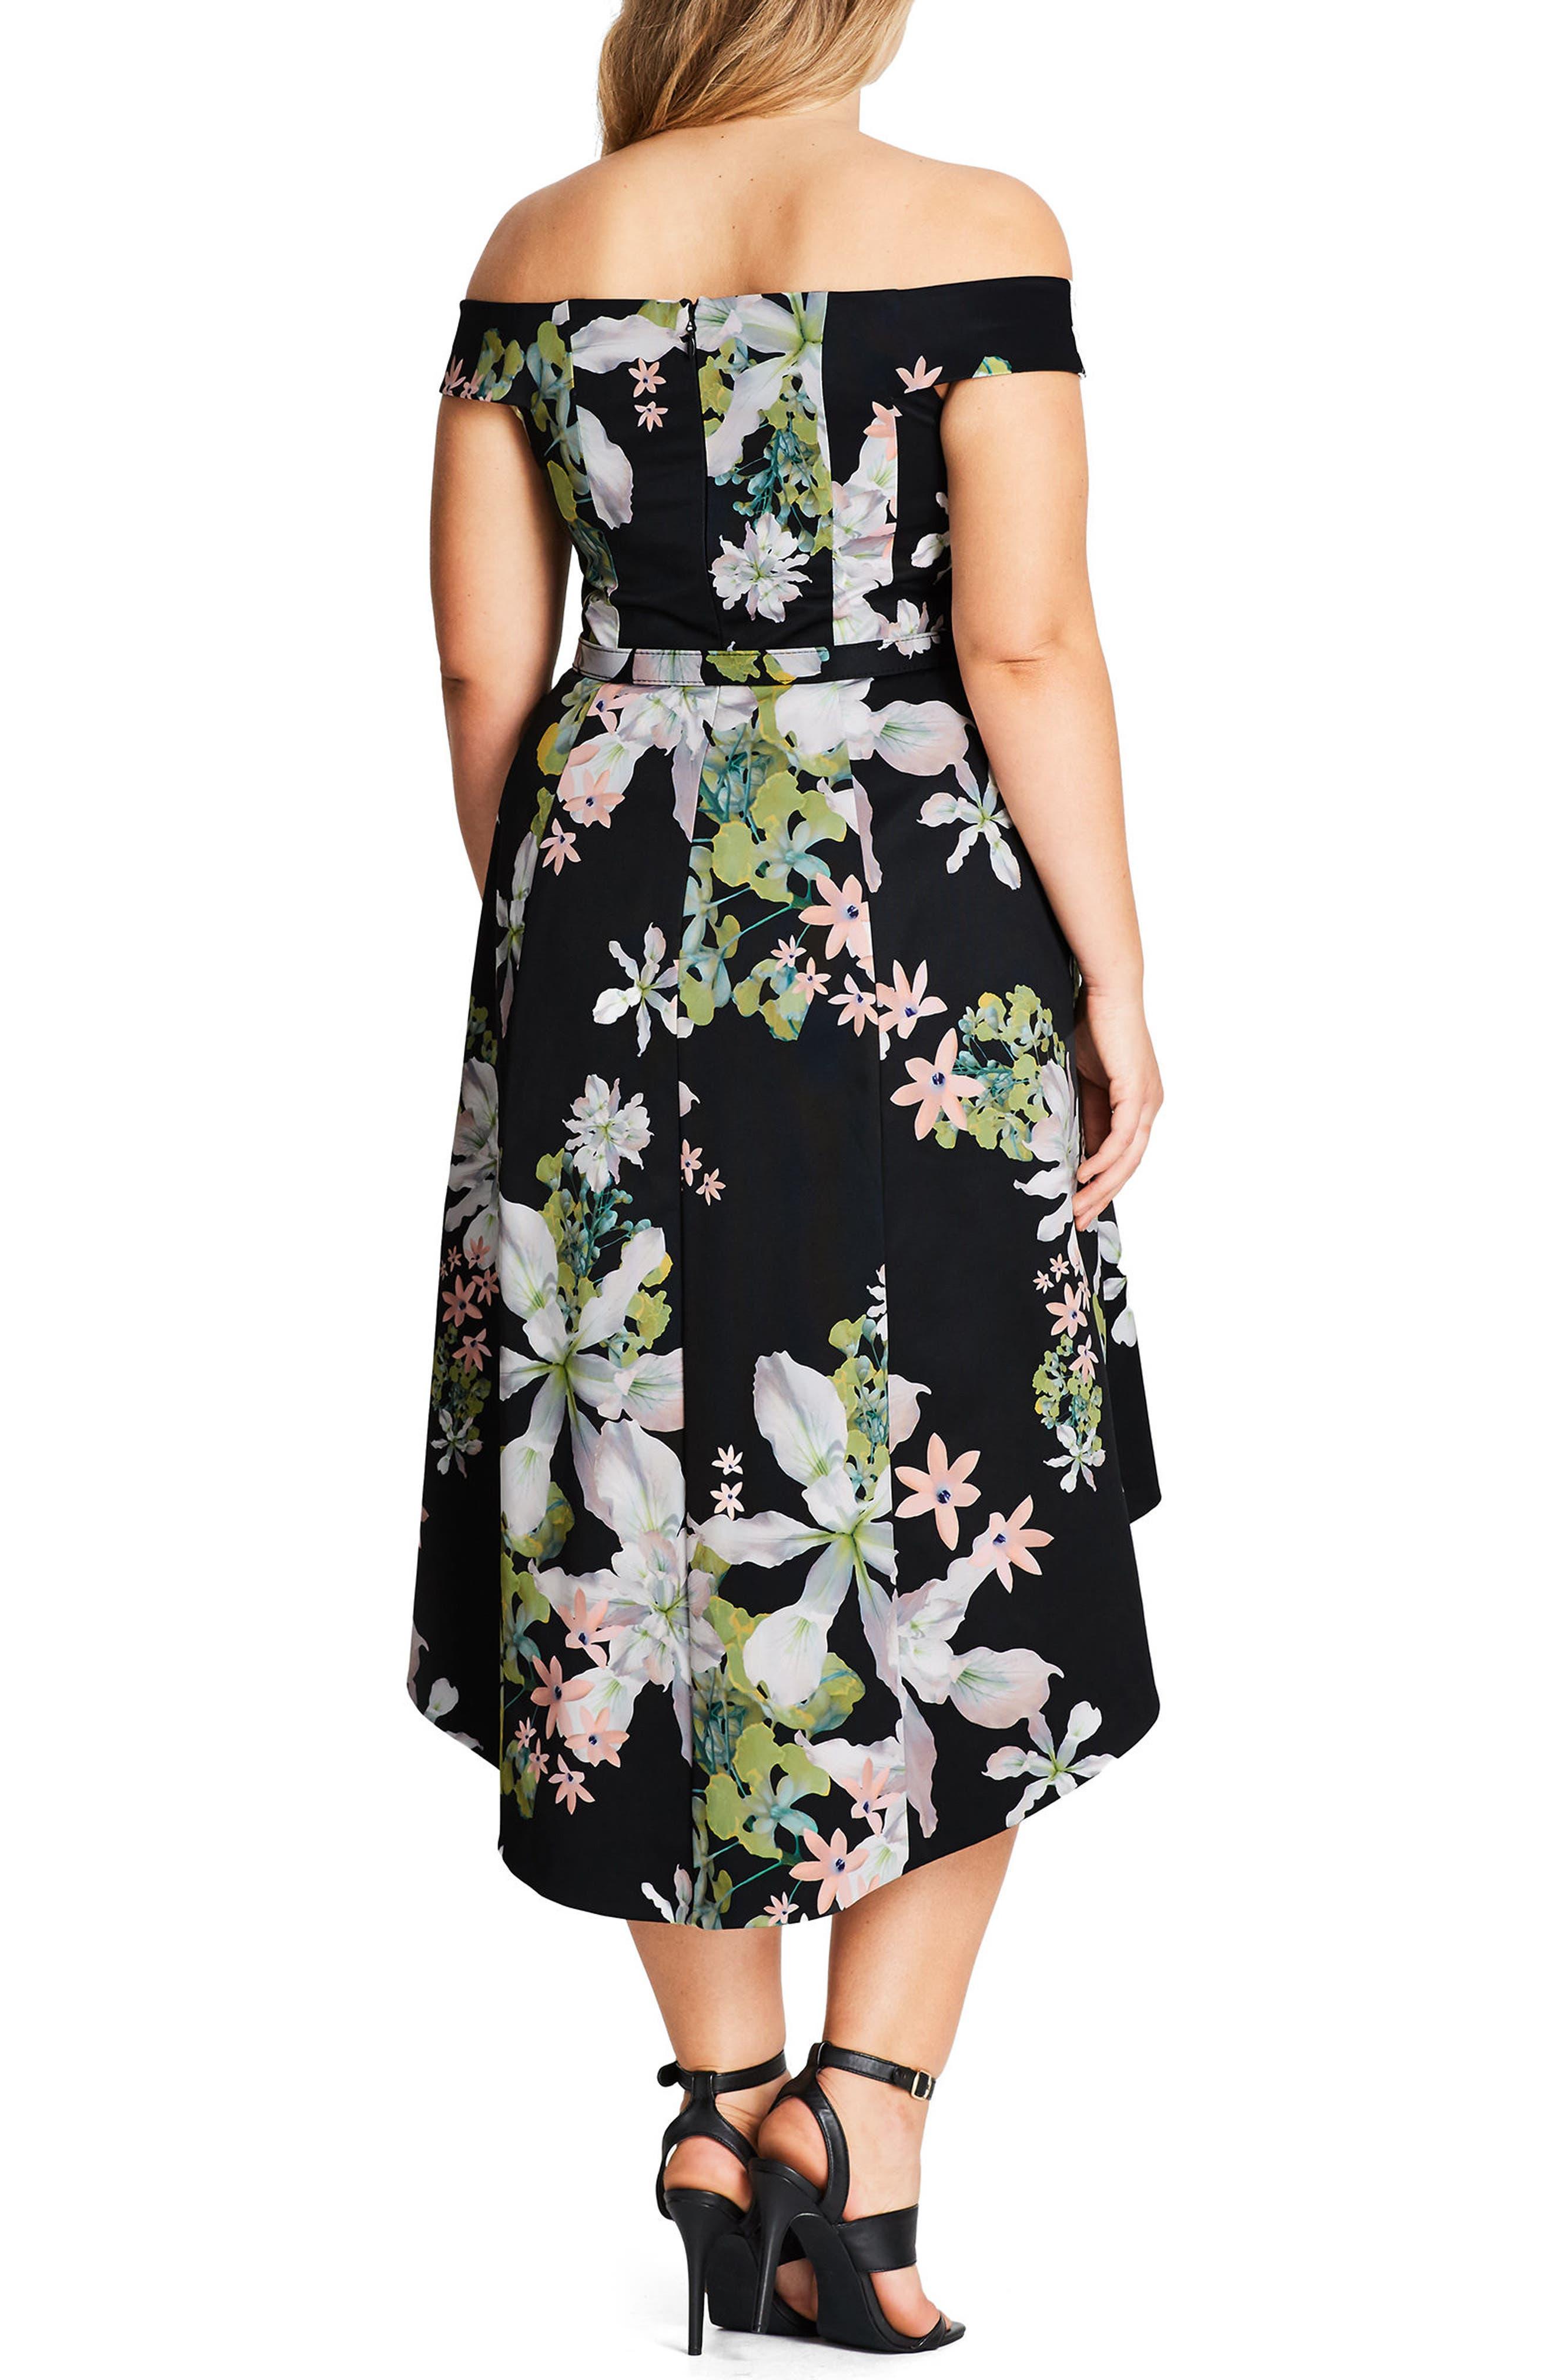 Spring Belted Off the Shoulder Dress,                             Alternate thumbnail 2, color,                             001